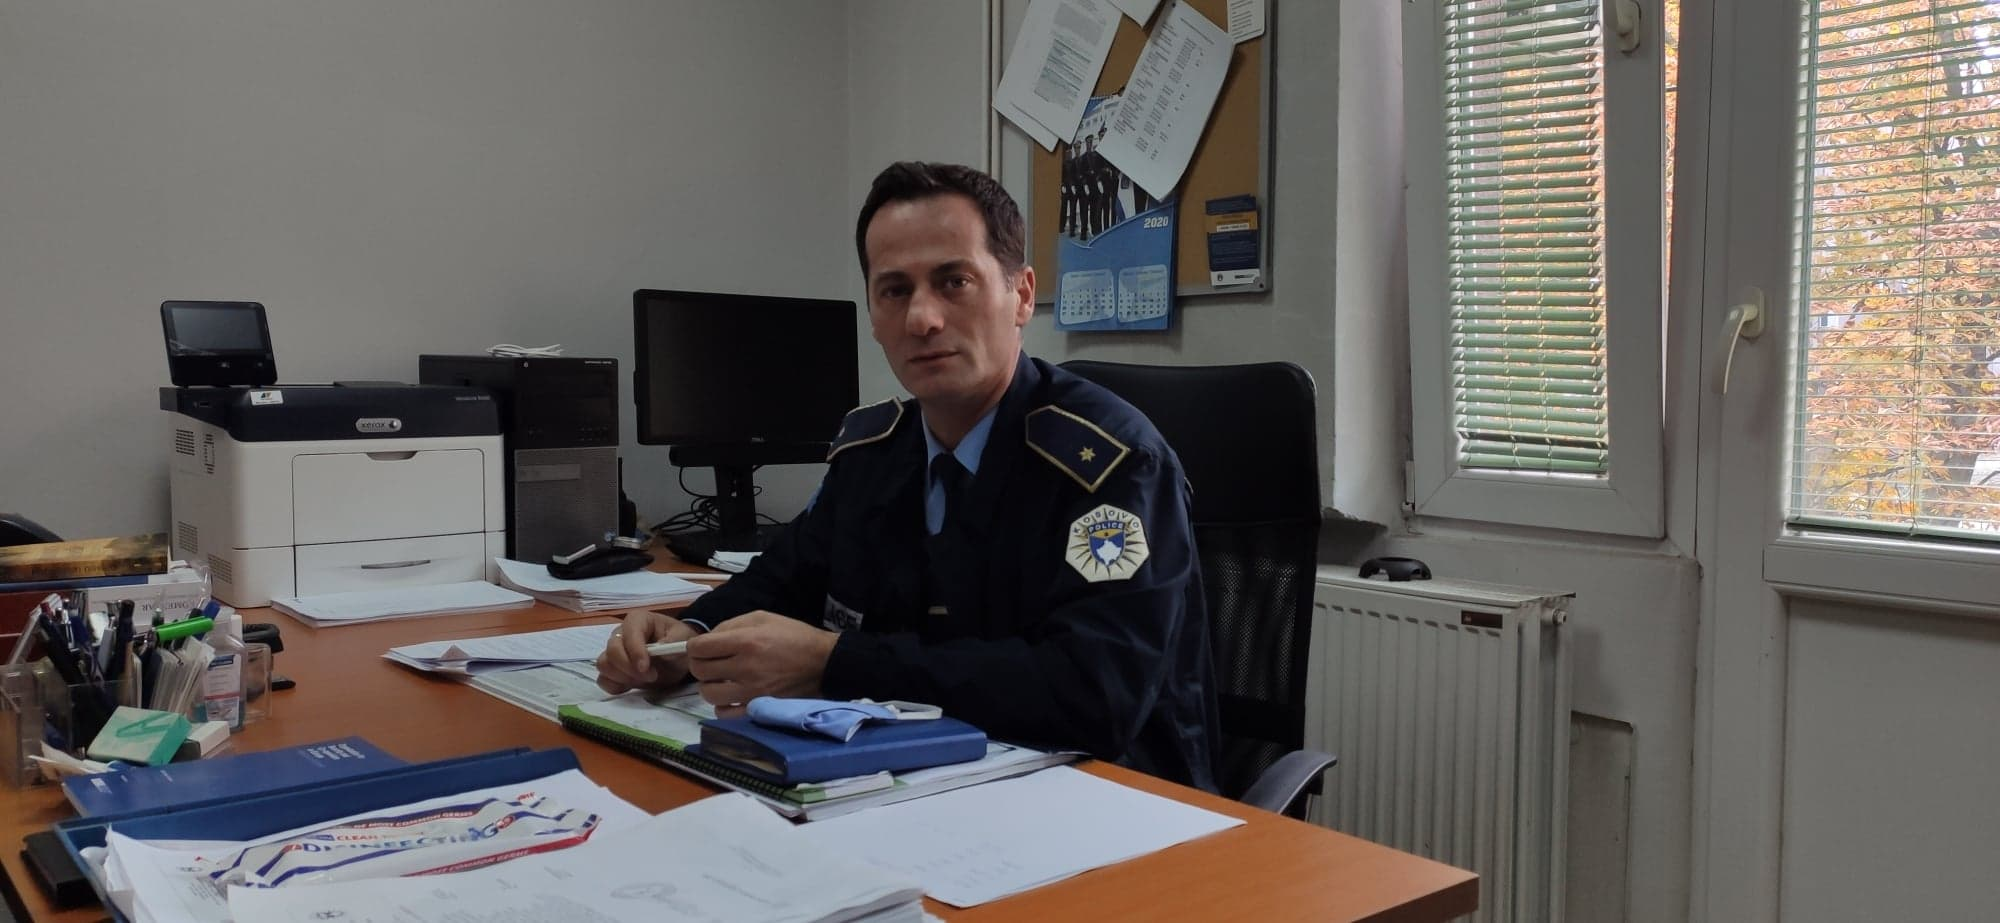 za-dva-meseca-1450-novcanih-kazni-na-severu-kosova-zbog-nepostovanja-epidemioloskih-mera